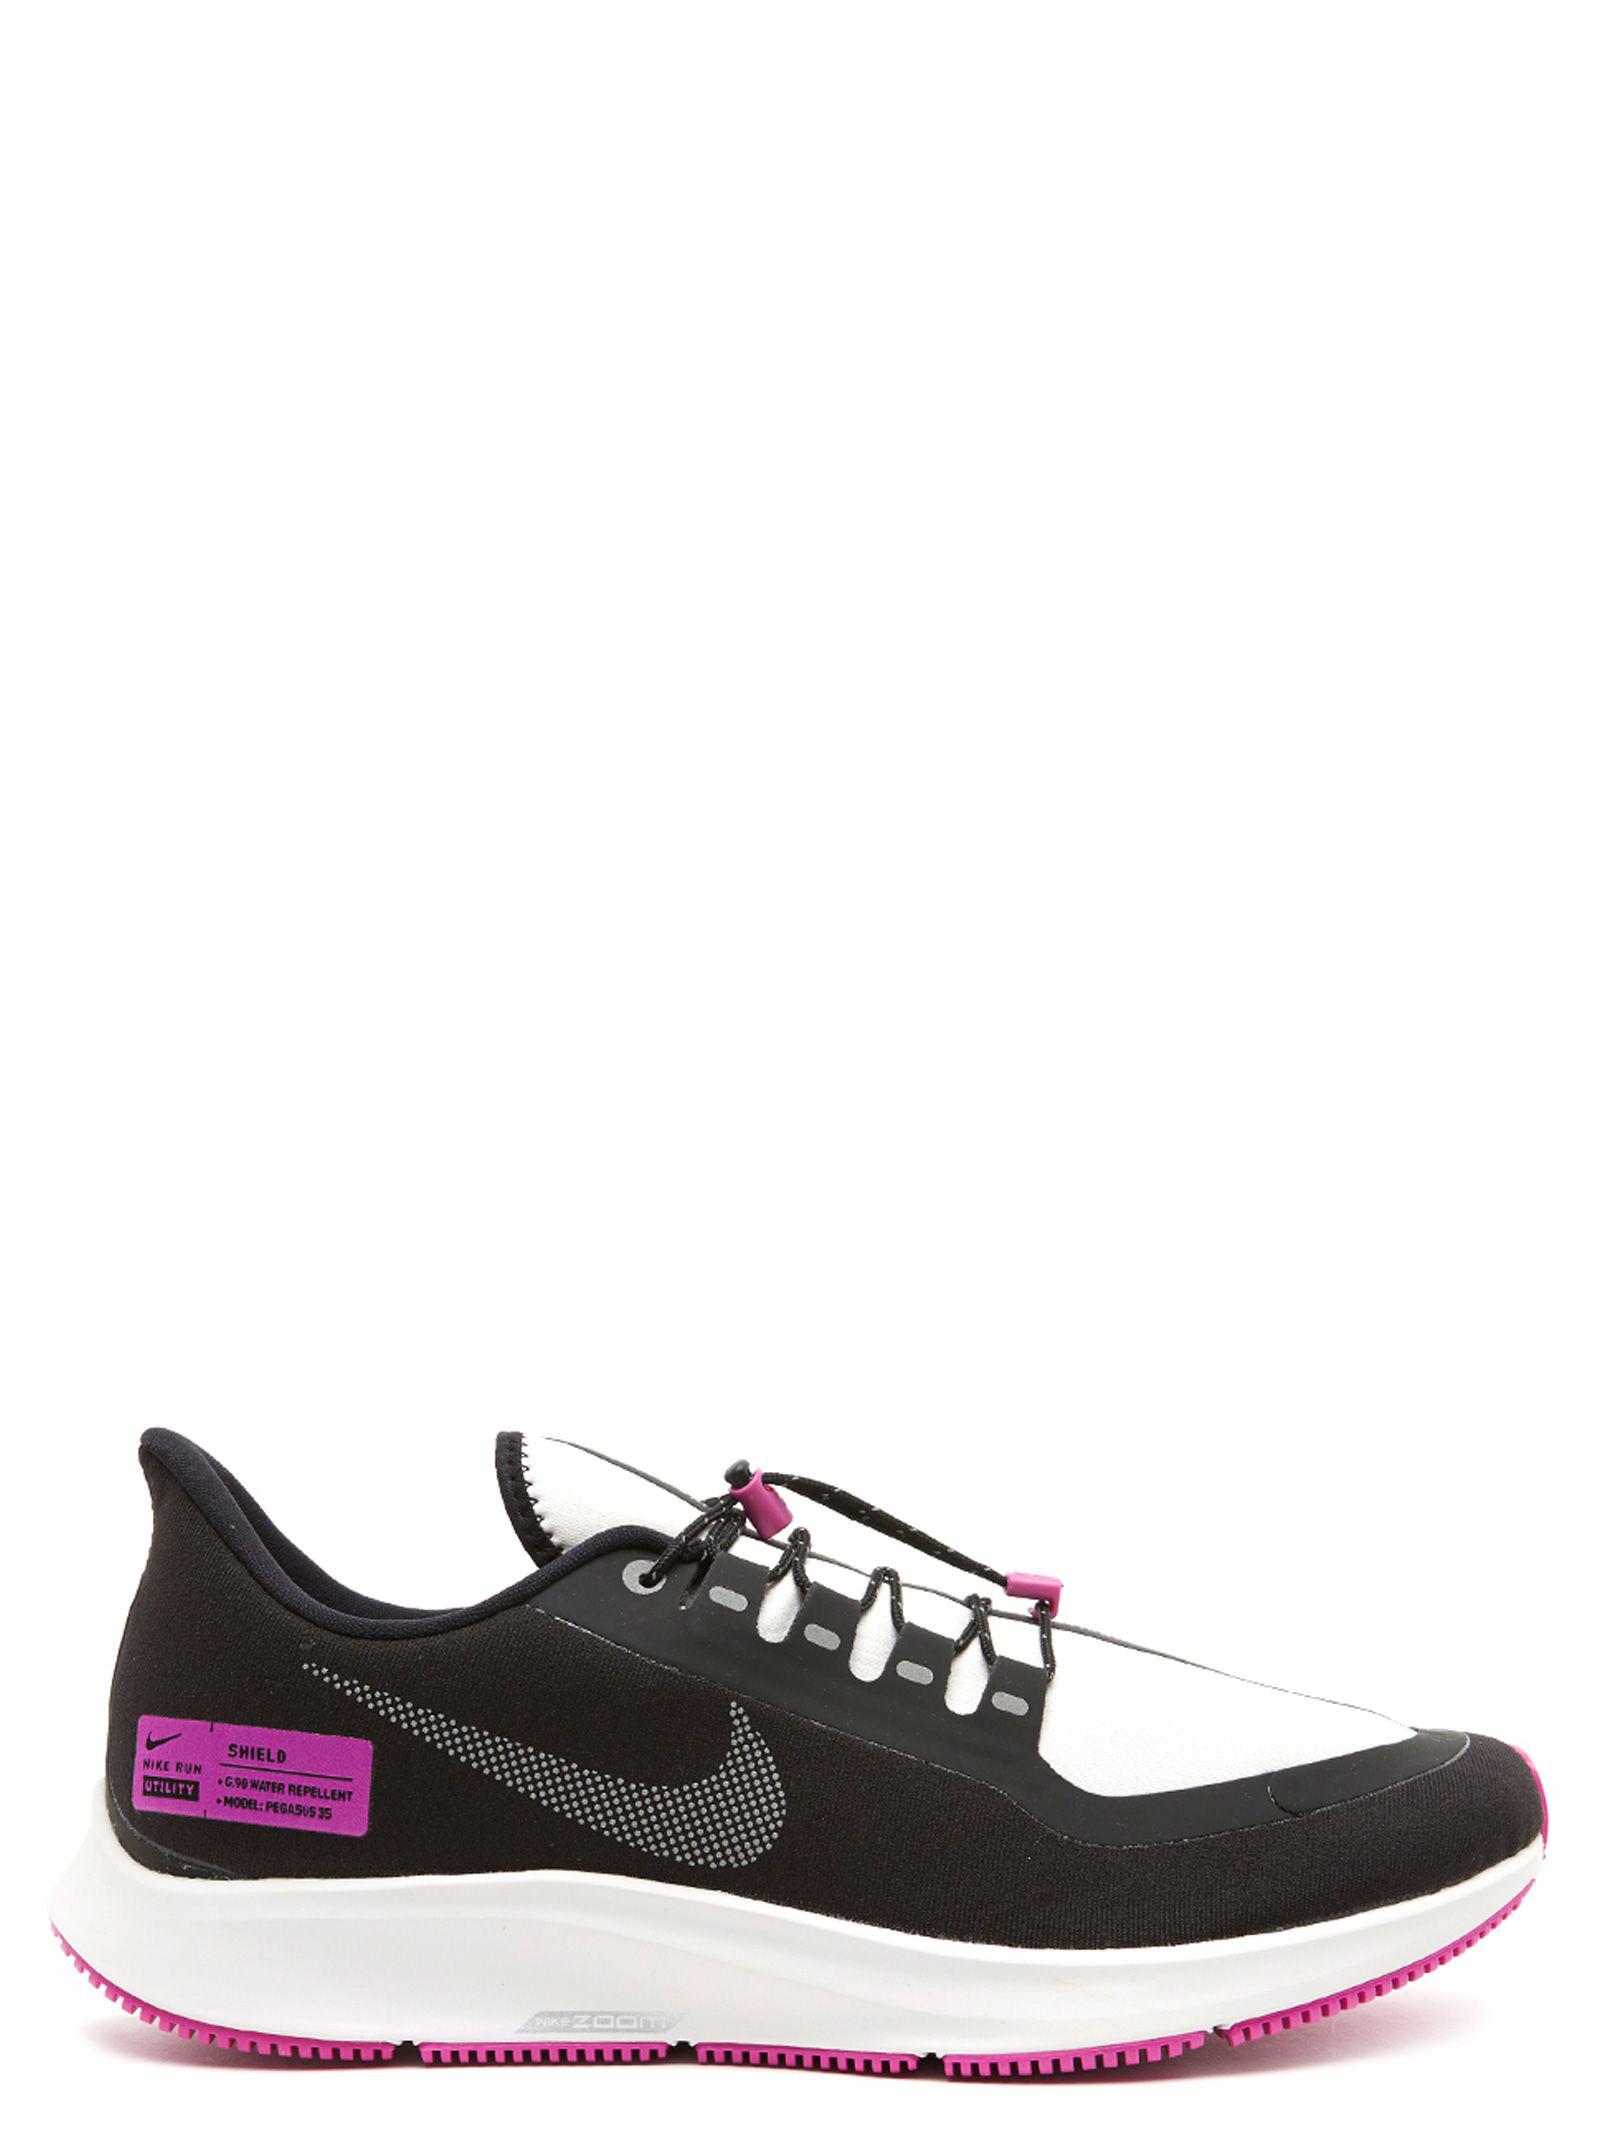 8764951ce012 Nike  Air Zoom Pegasus 35 Shield Nrg  Shoes In Black